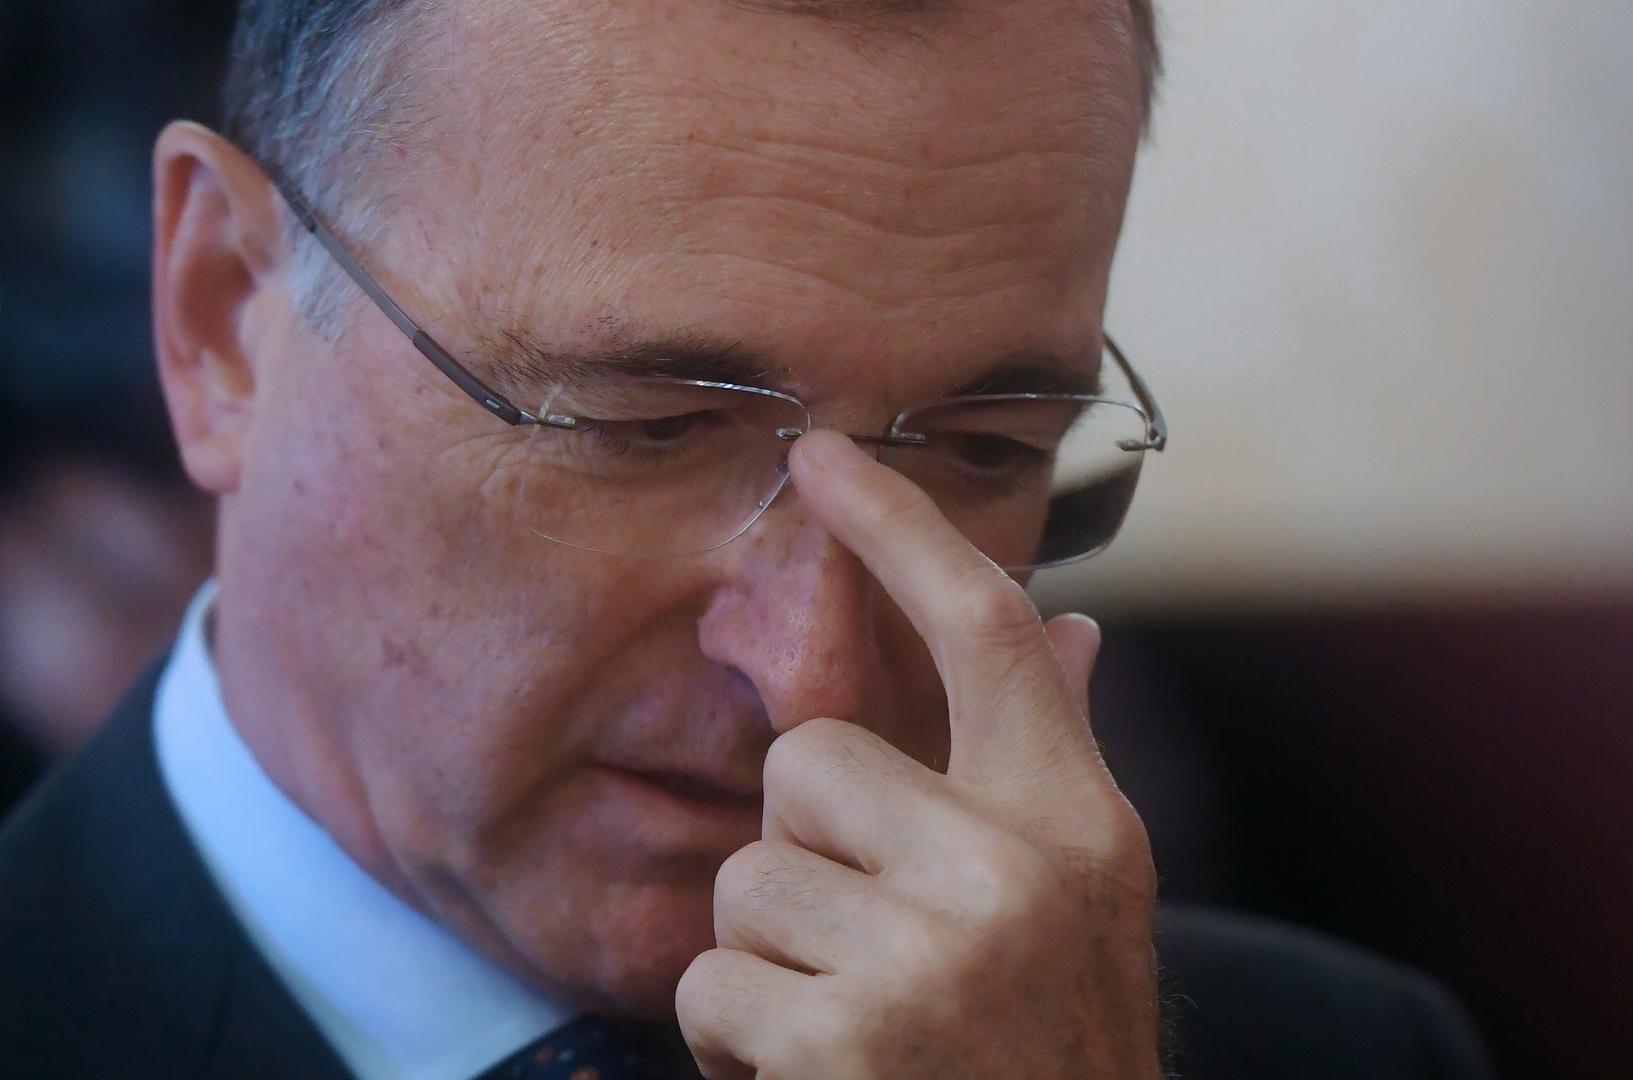 وزير الخارجية الإيطالي الأسبق يسرد ذكريات استقبال بوتين له بمنزله الريفي